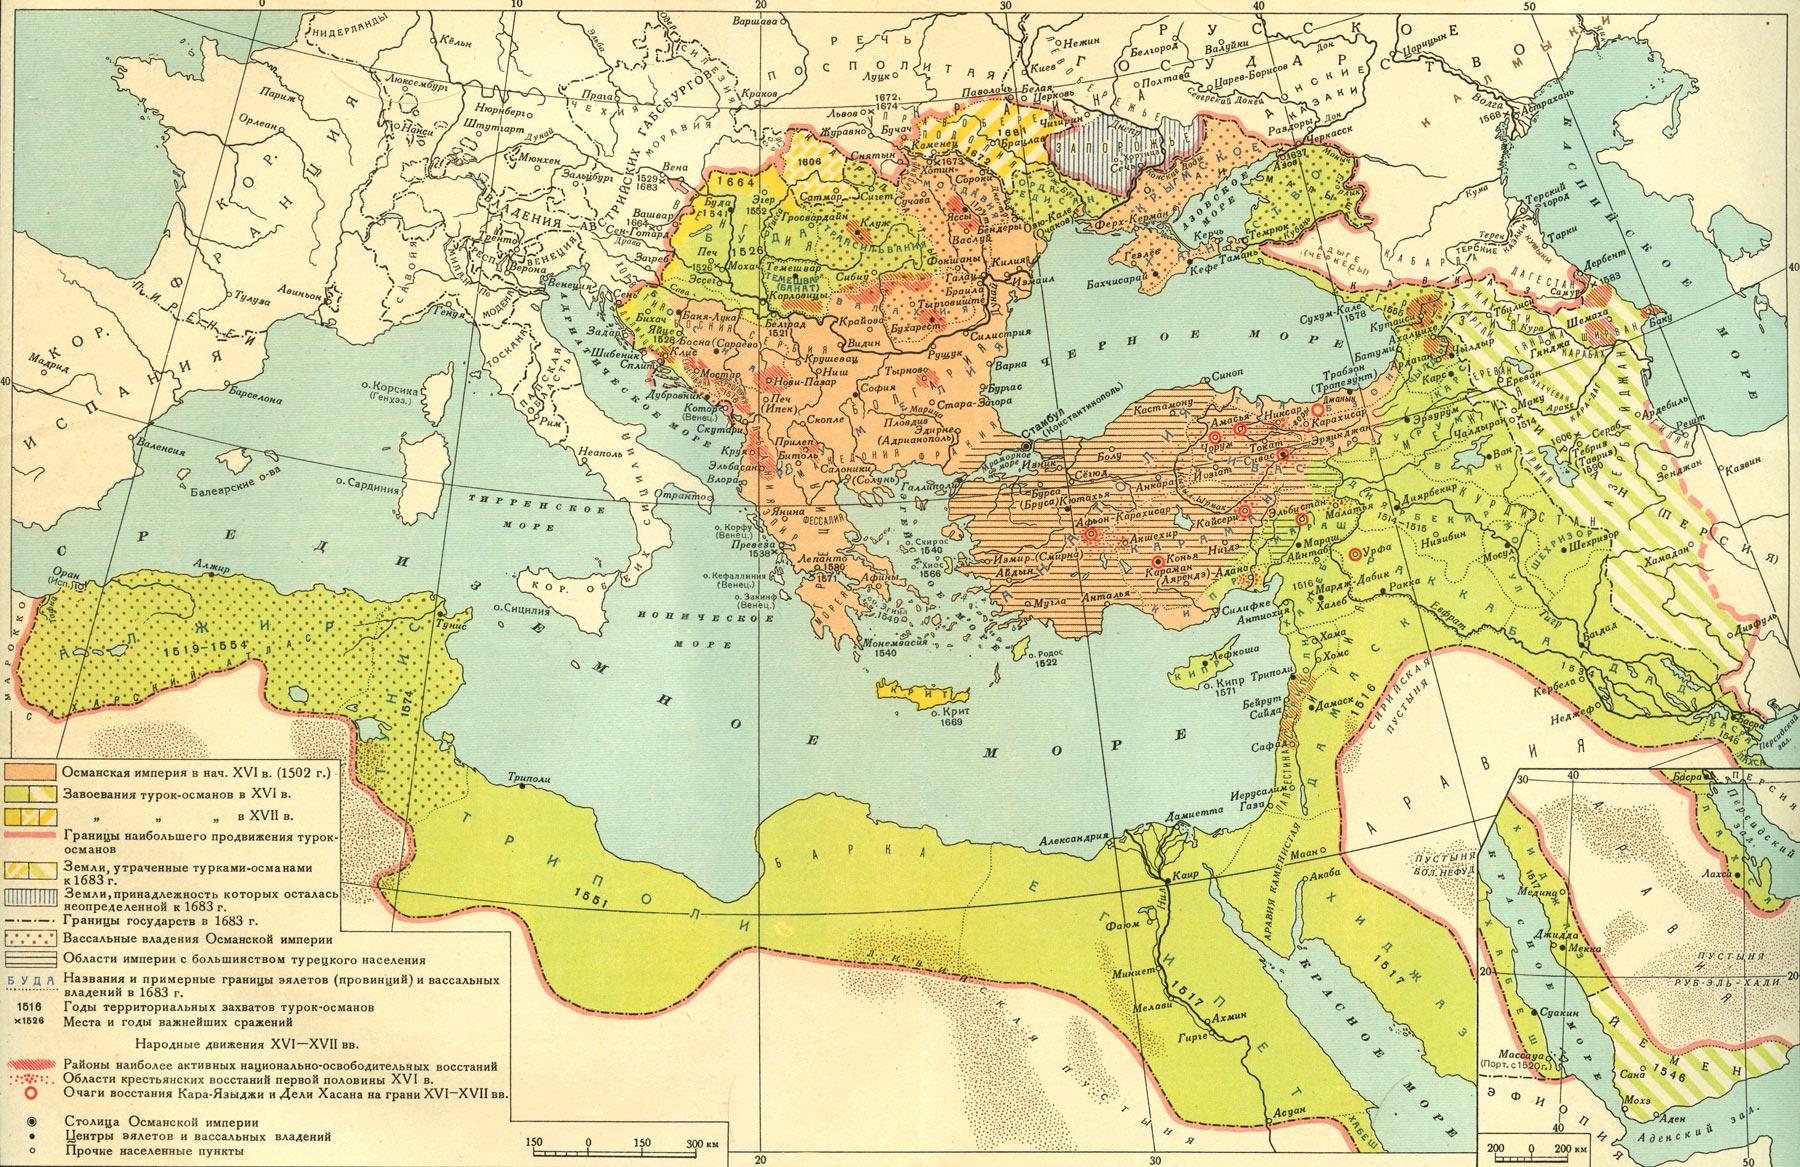 Карта завоеваний Сулеймана в Османской империи